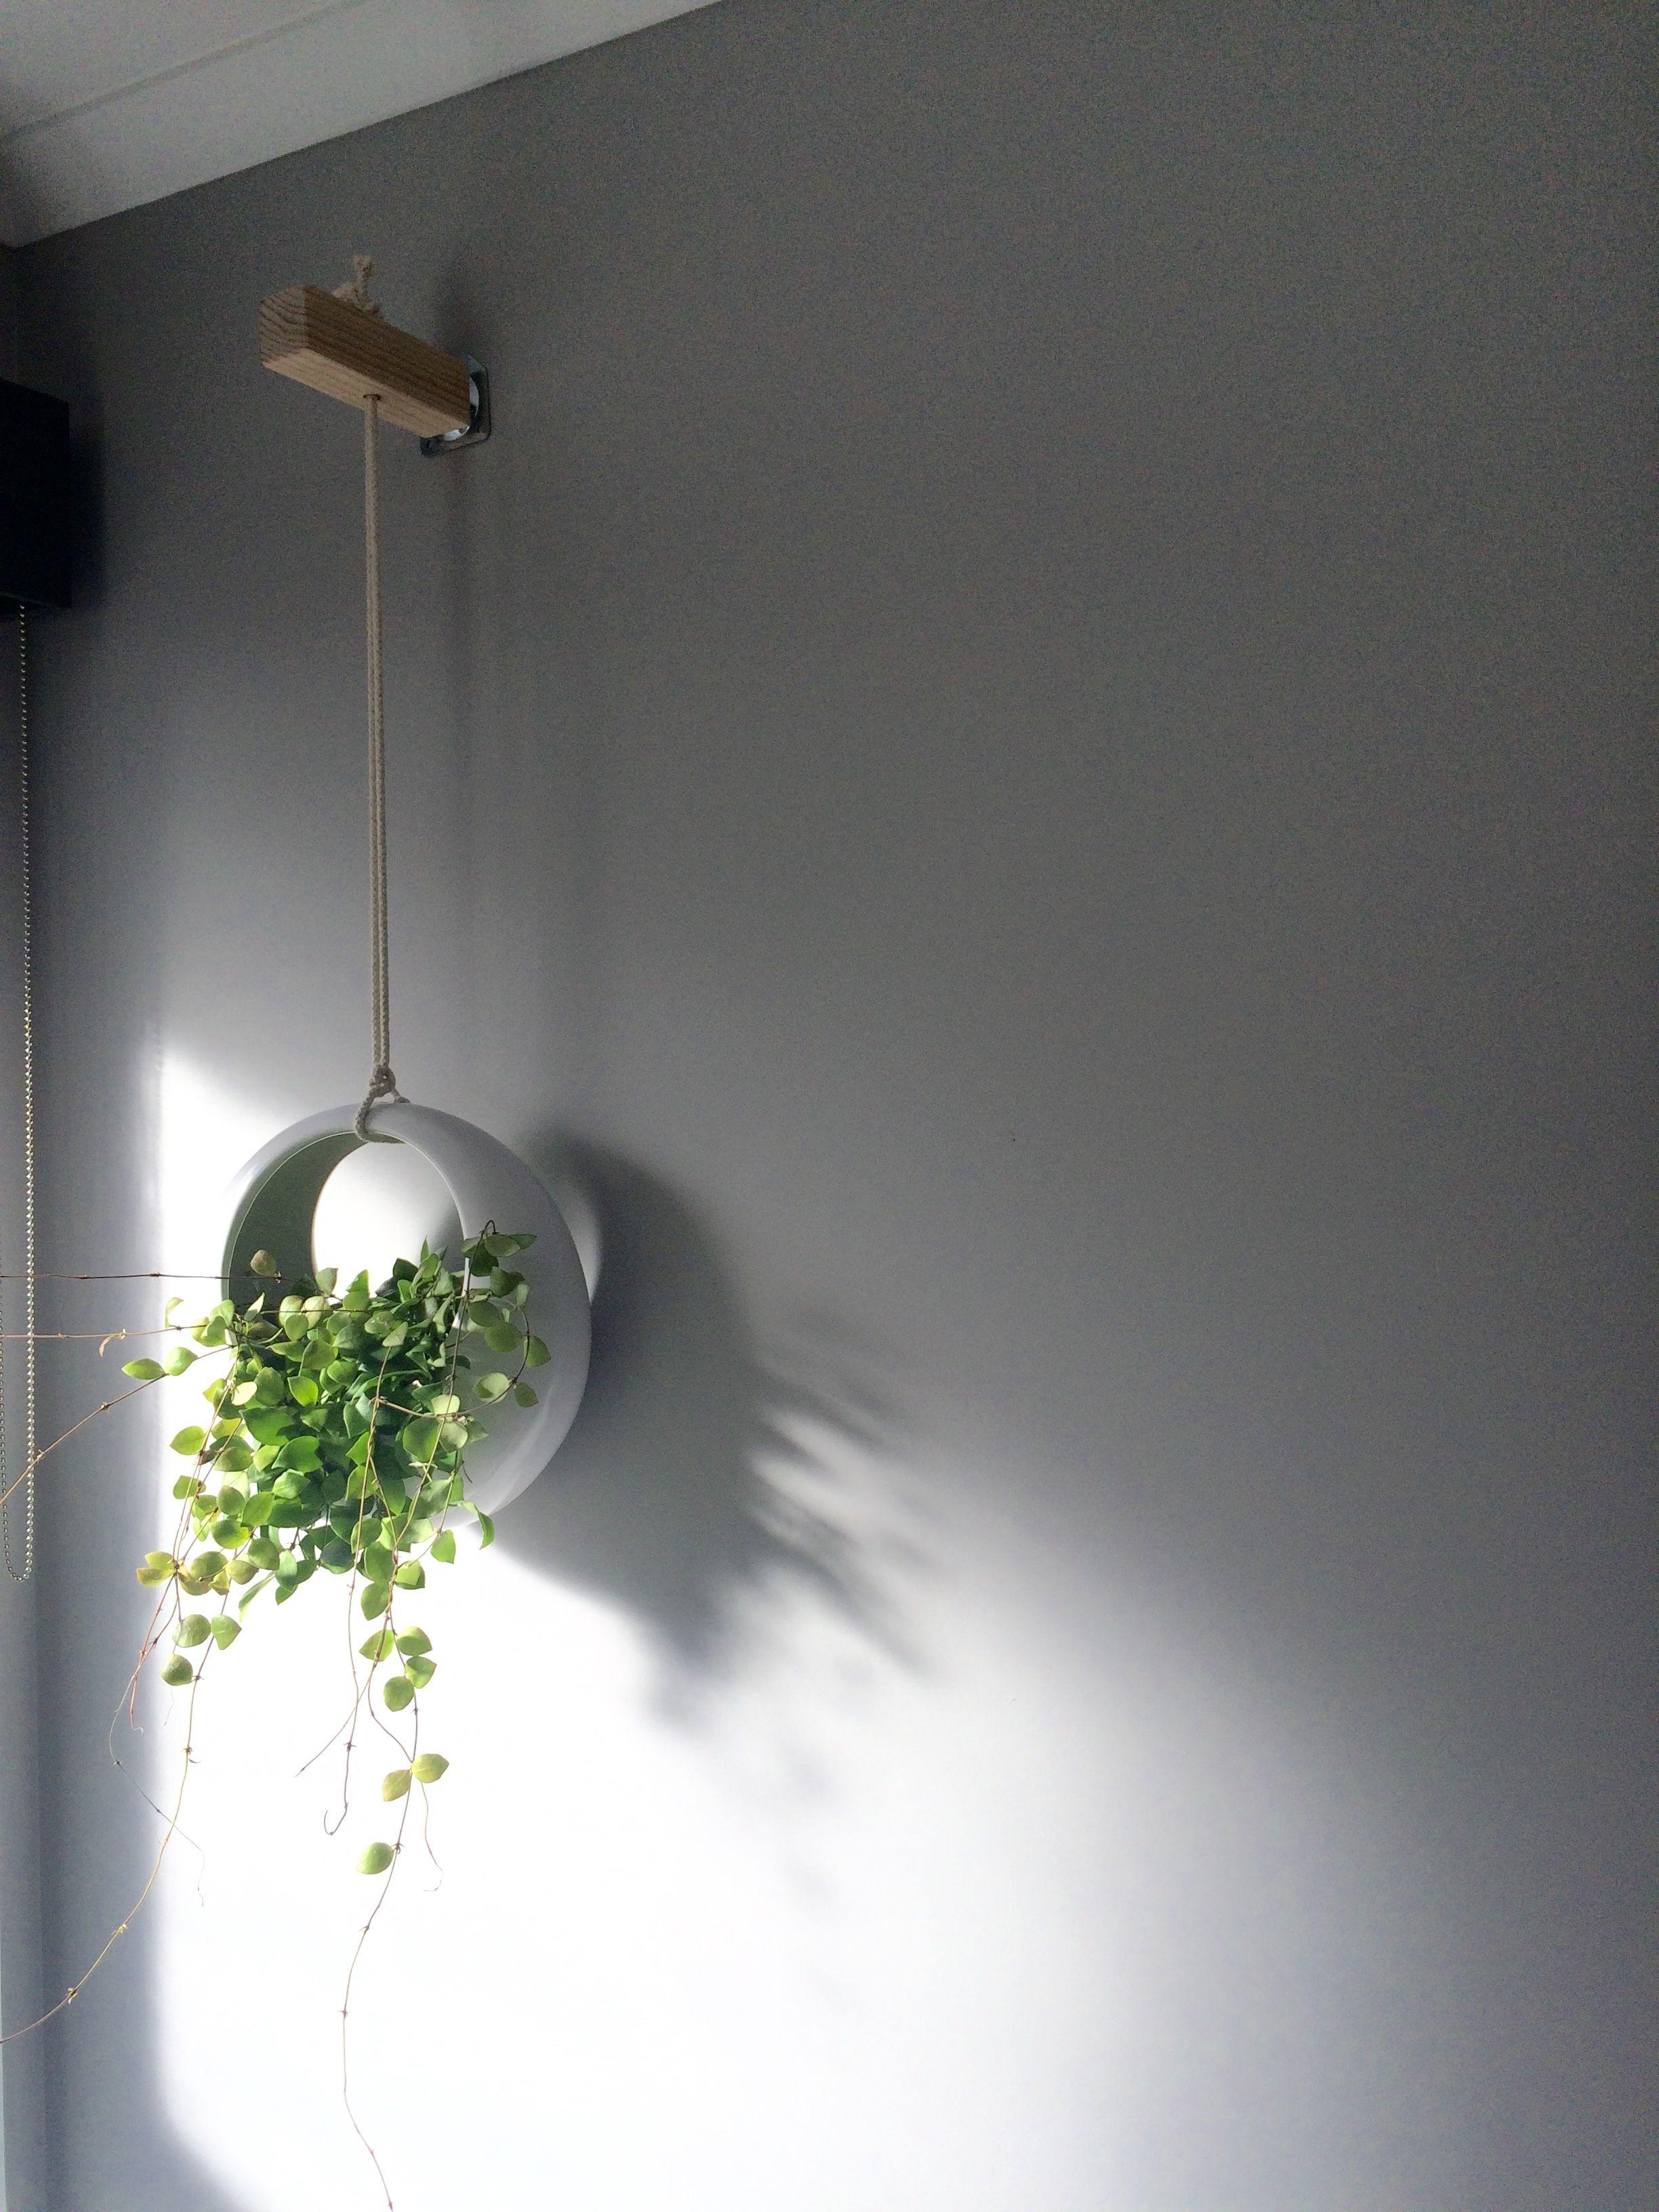 Hanging Pot In Bathroom Kmart Bathroom Plants Decor Plant Decor Bathroom Plants